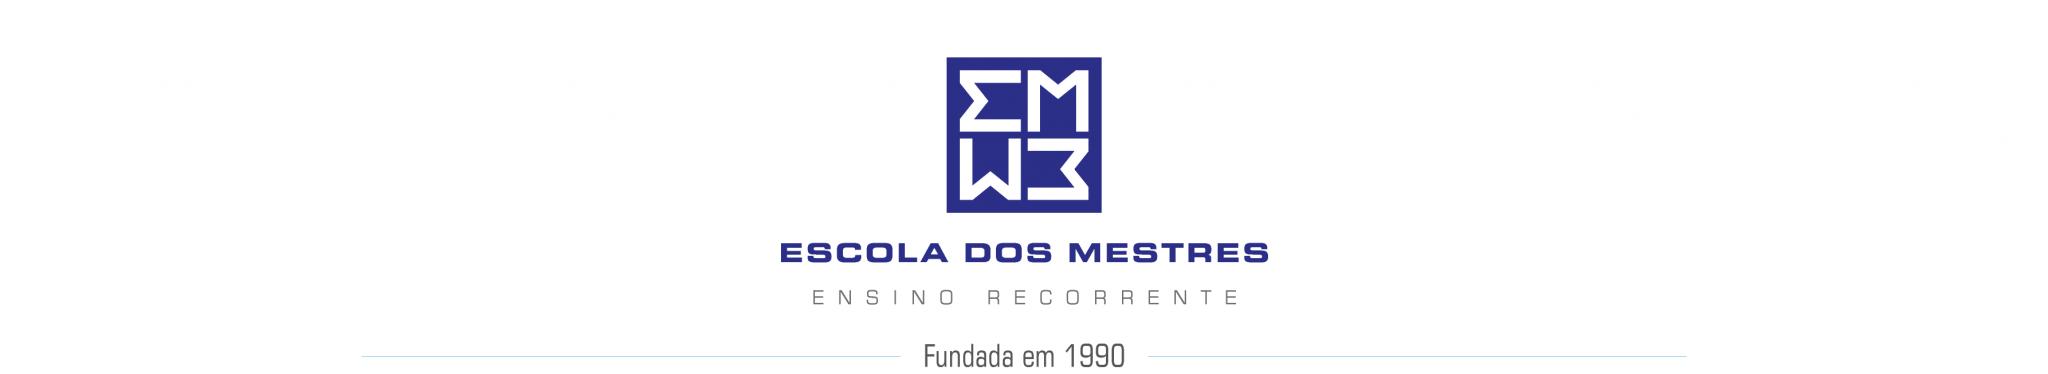 Escola dos Mestres - ensino recorrente em Lisboa